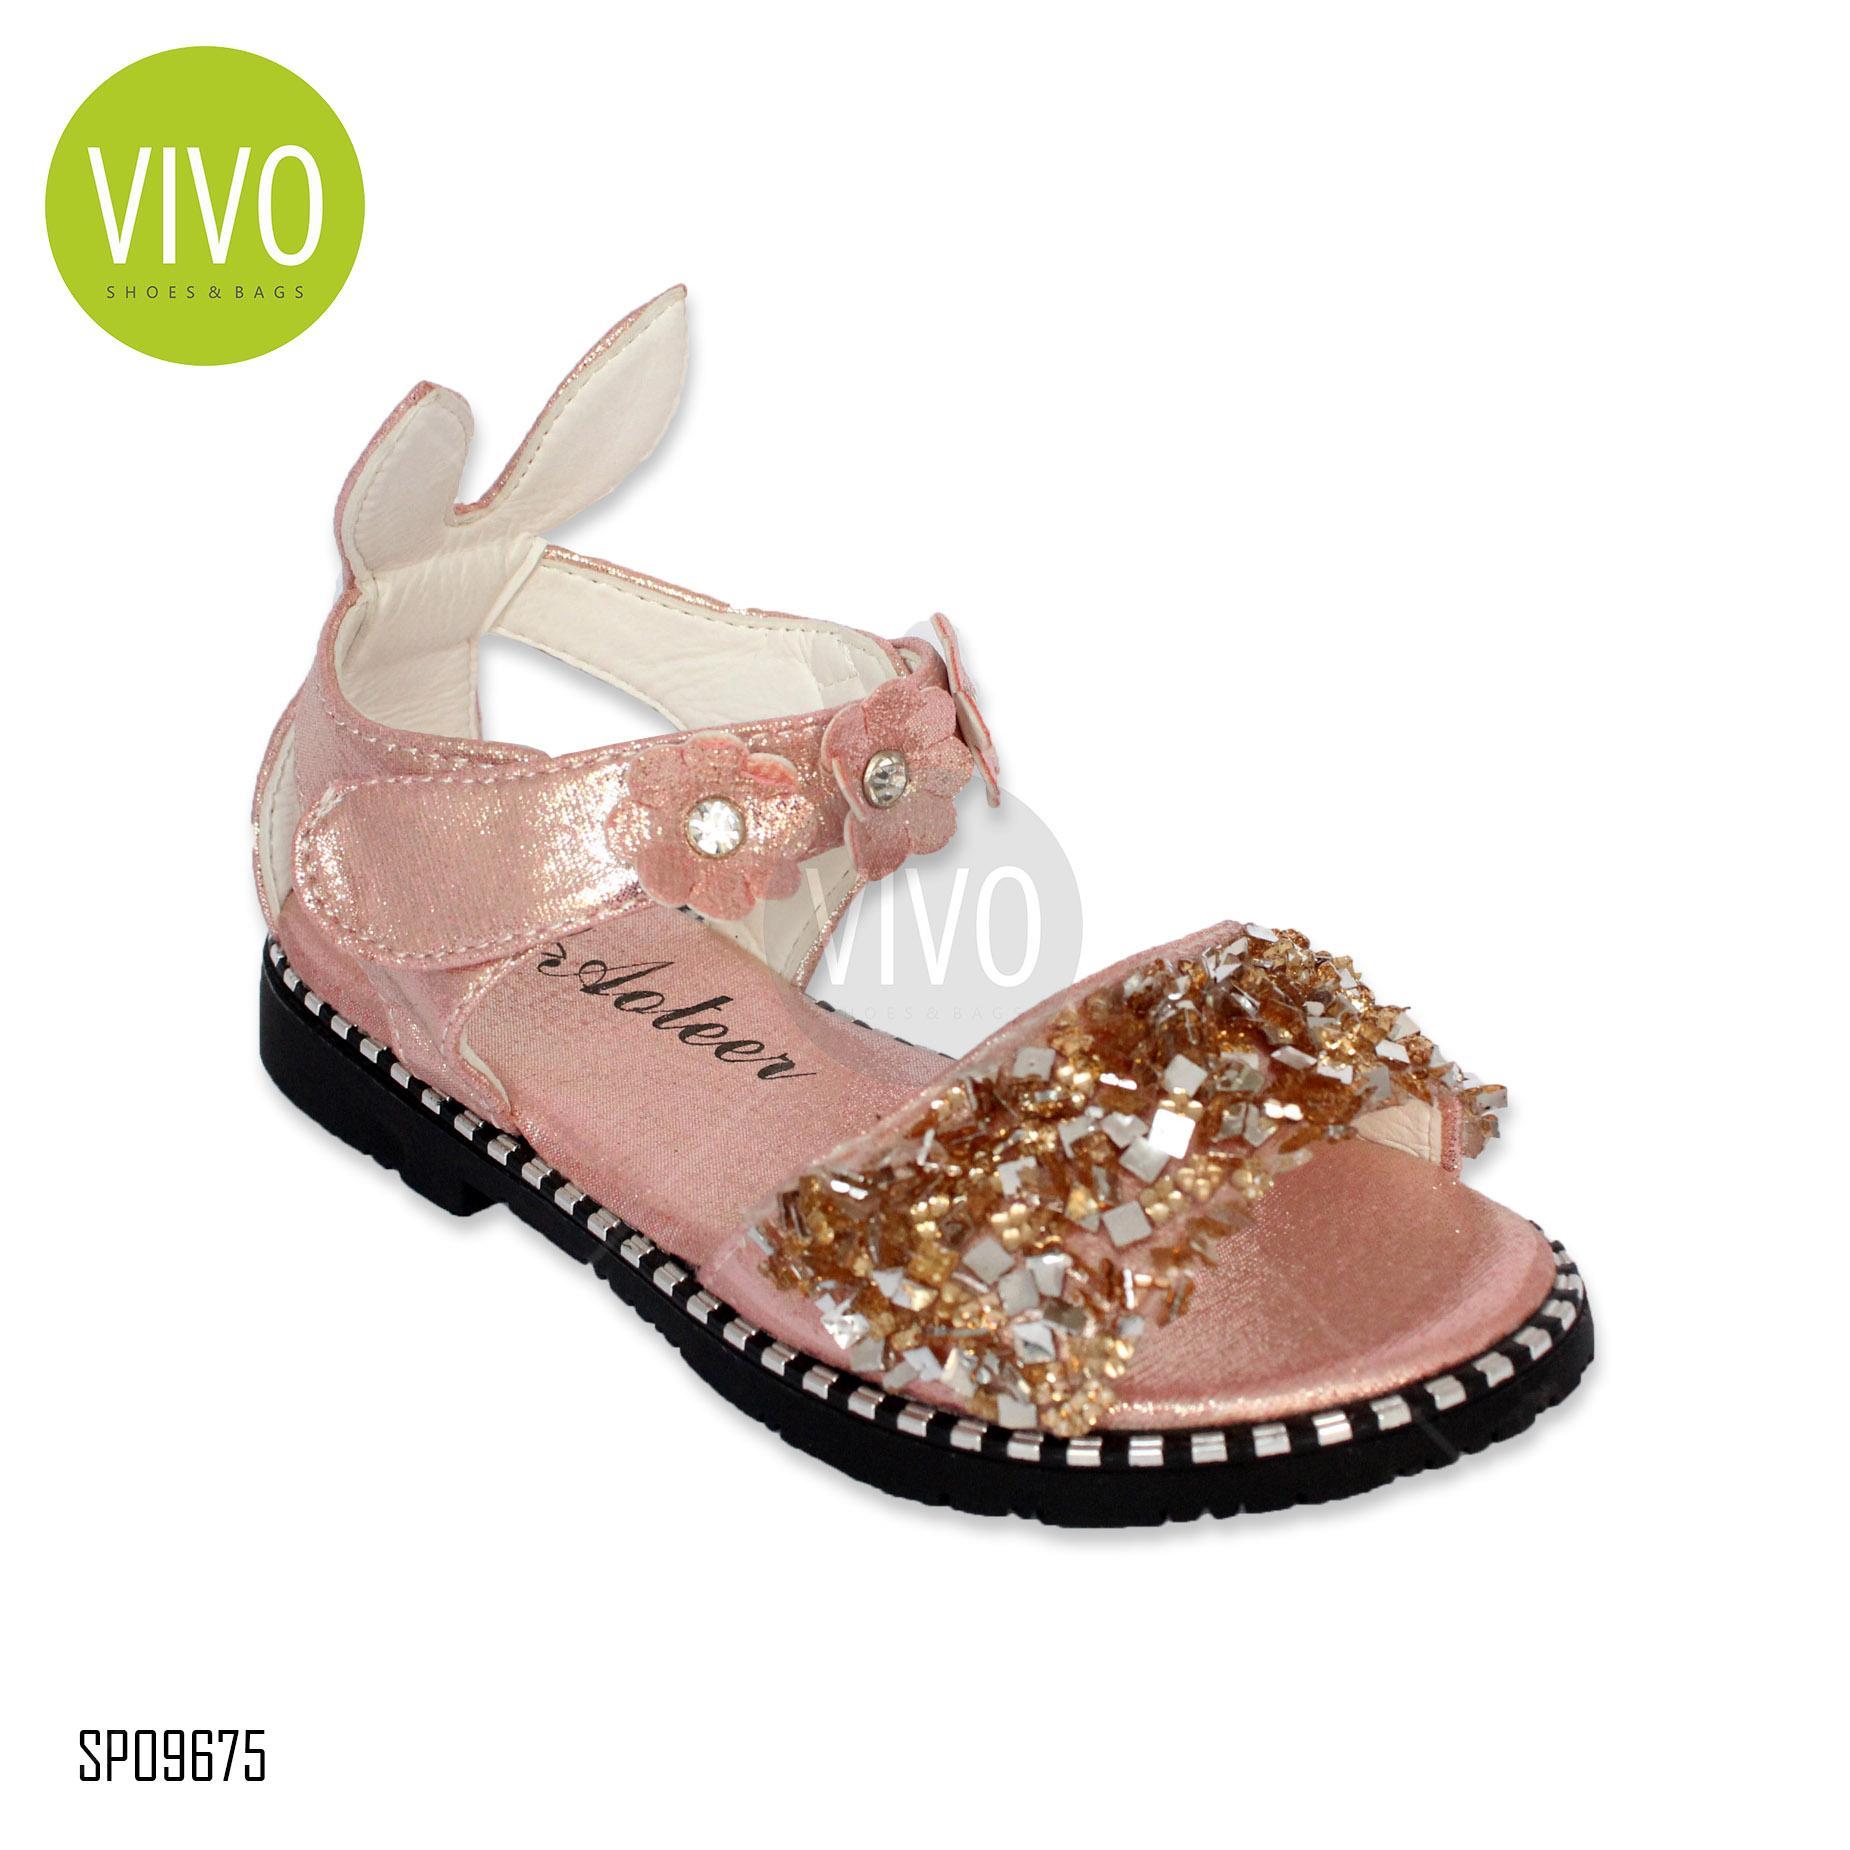 Vivo Fashion Sepatu Sandal Anak Perempuan SP09675 – Peach Size 26/30